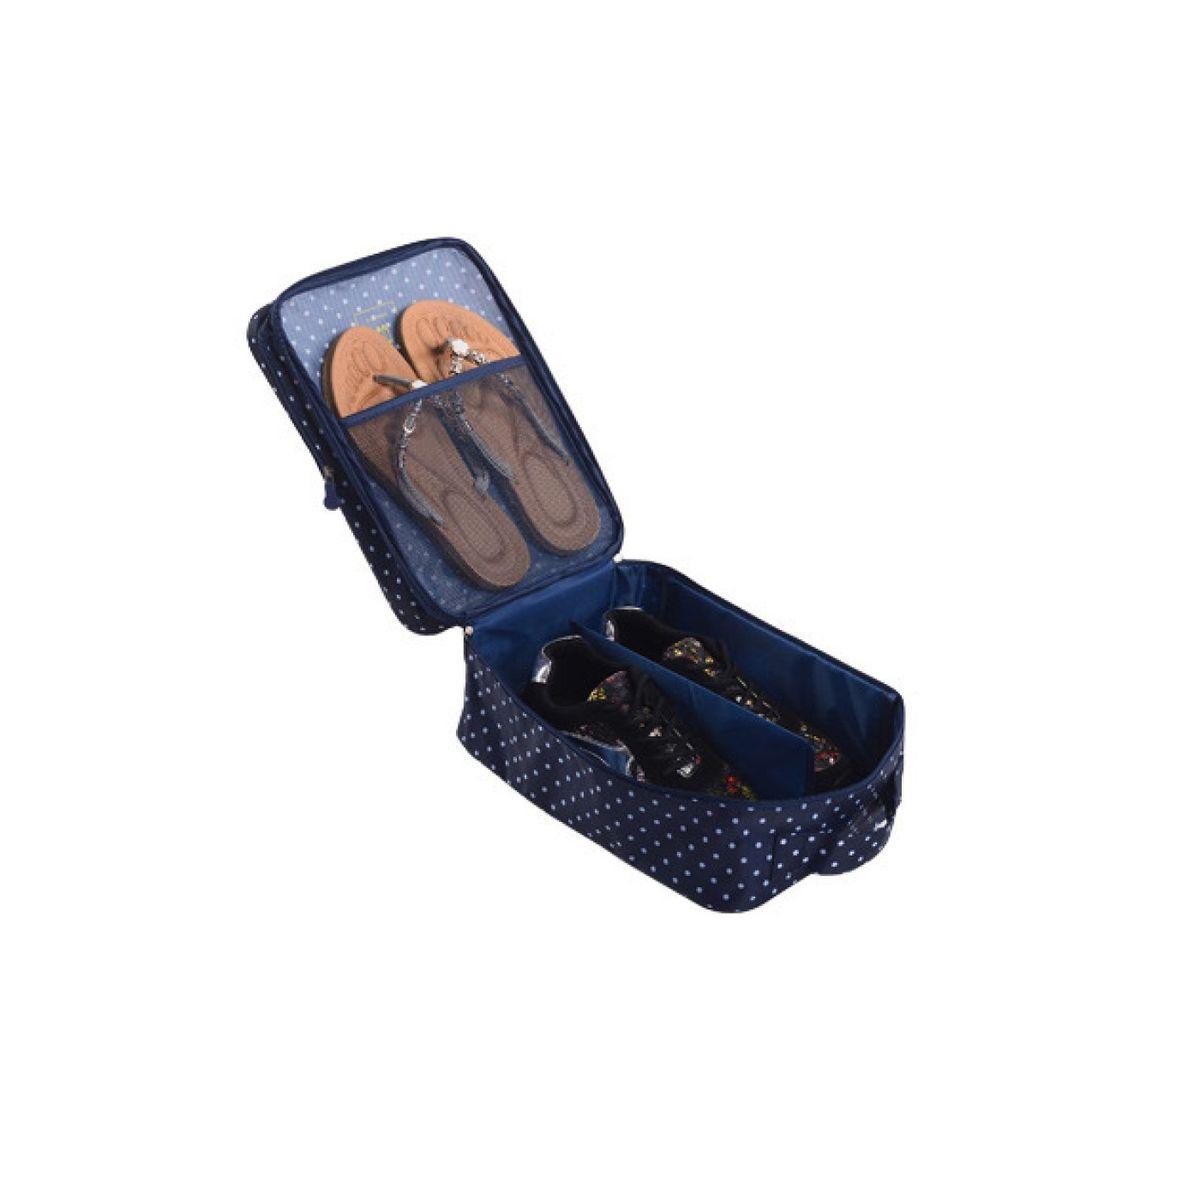 Органайзер для обуви Homsu, 32 x 20 x 13 см25051 7_желтыйОрганайзер для обуви Homsu изготовлен из 100% полиэстера. Экономичная замена пластиковым пакетам и громоздким коробкам. Органайзер закрывается на молнию. Имеется ручка для удобной переноски. Внутри органайзер разделен на 2 отделения для обуви с дополнительным сетчатым кармашком.Очень компактный и очень удобный, такой органайзер поможет вам хранить обувь в чистоте и порядке.Размер: 32 х 20 х 13 см.